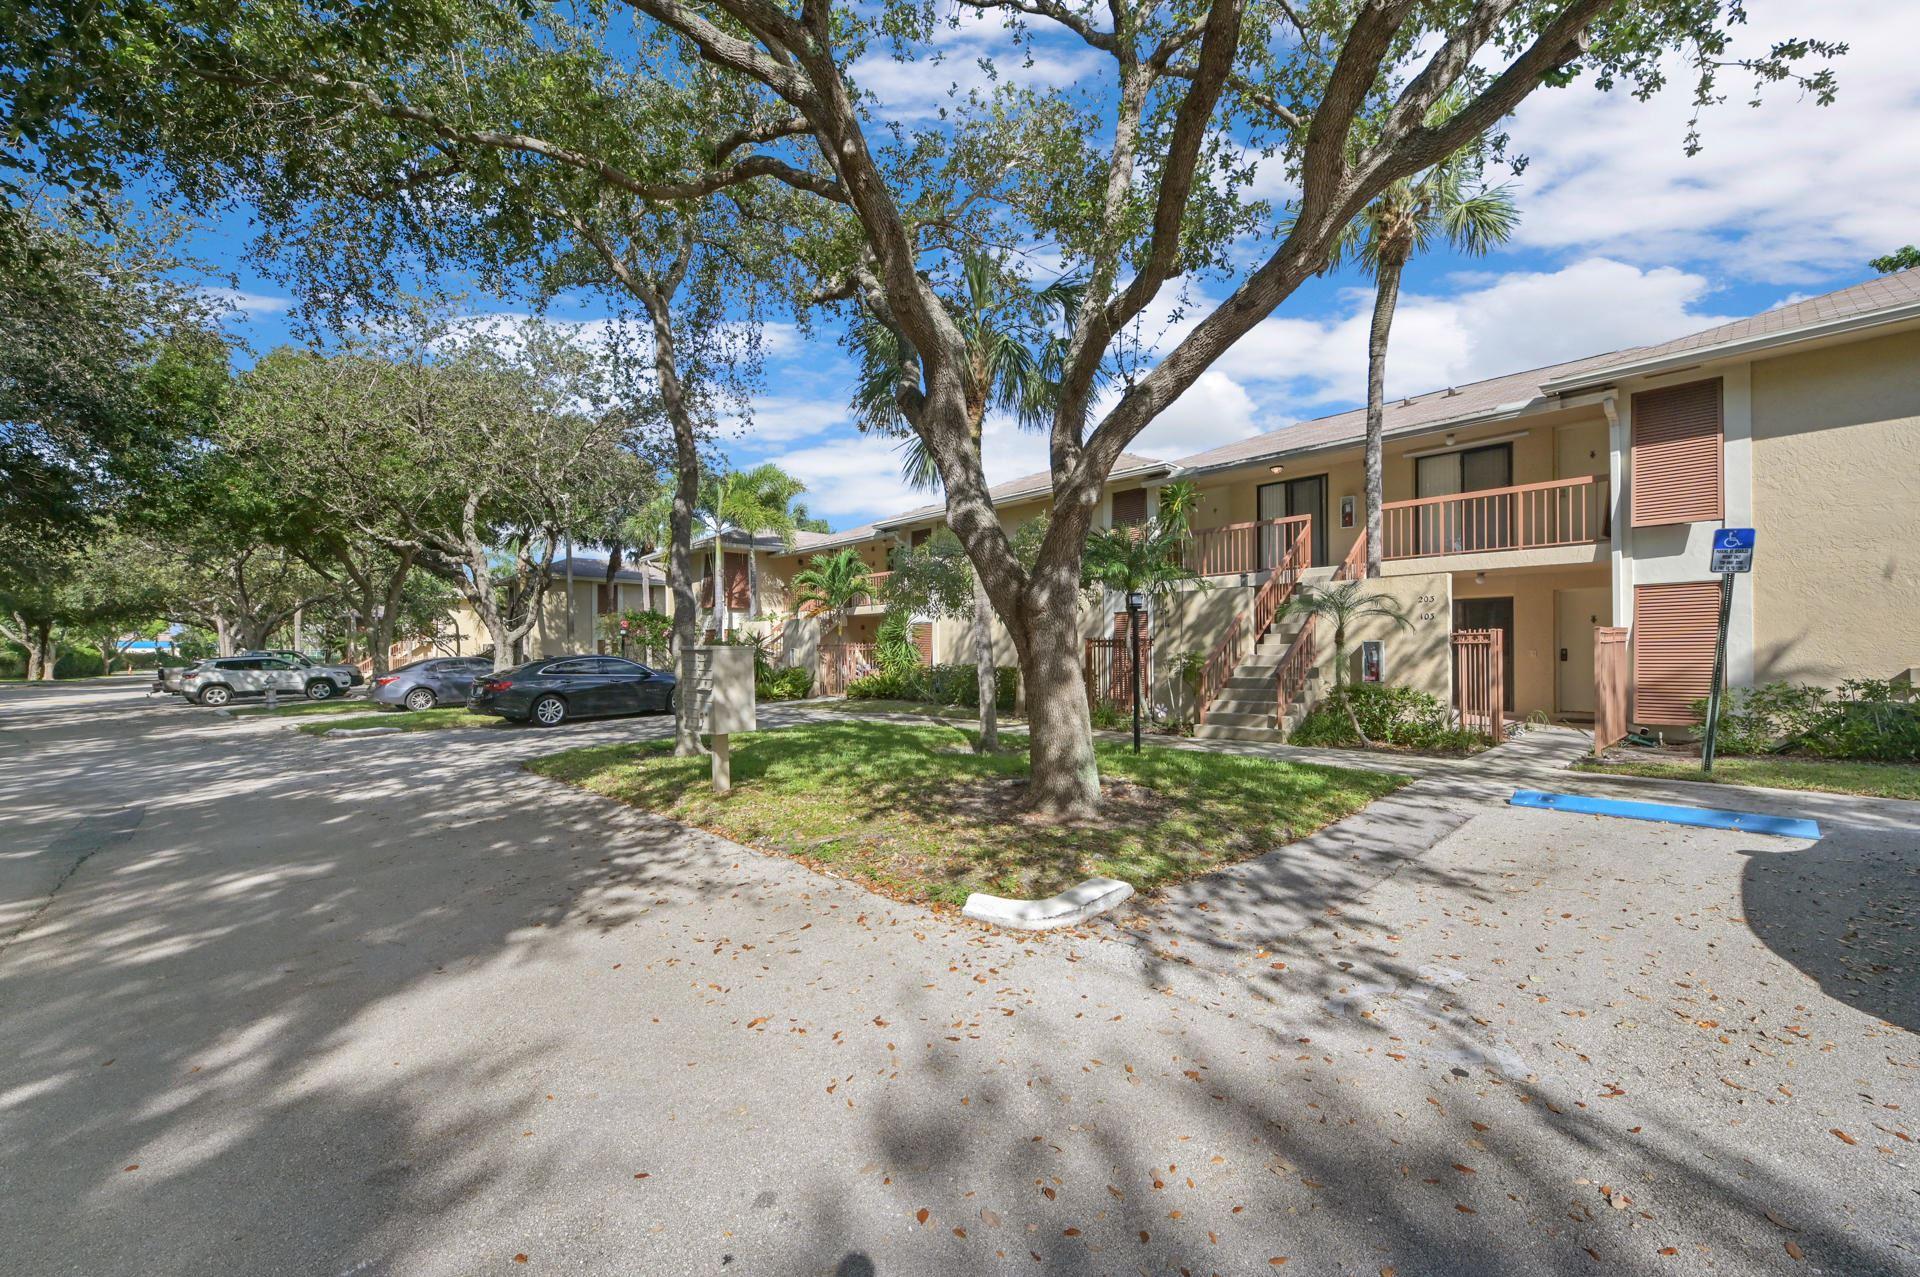 3939 NE 5th Avenue #D103, Boca Raton, FL 33431 - #: RX-10662386